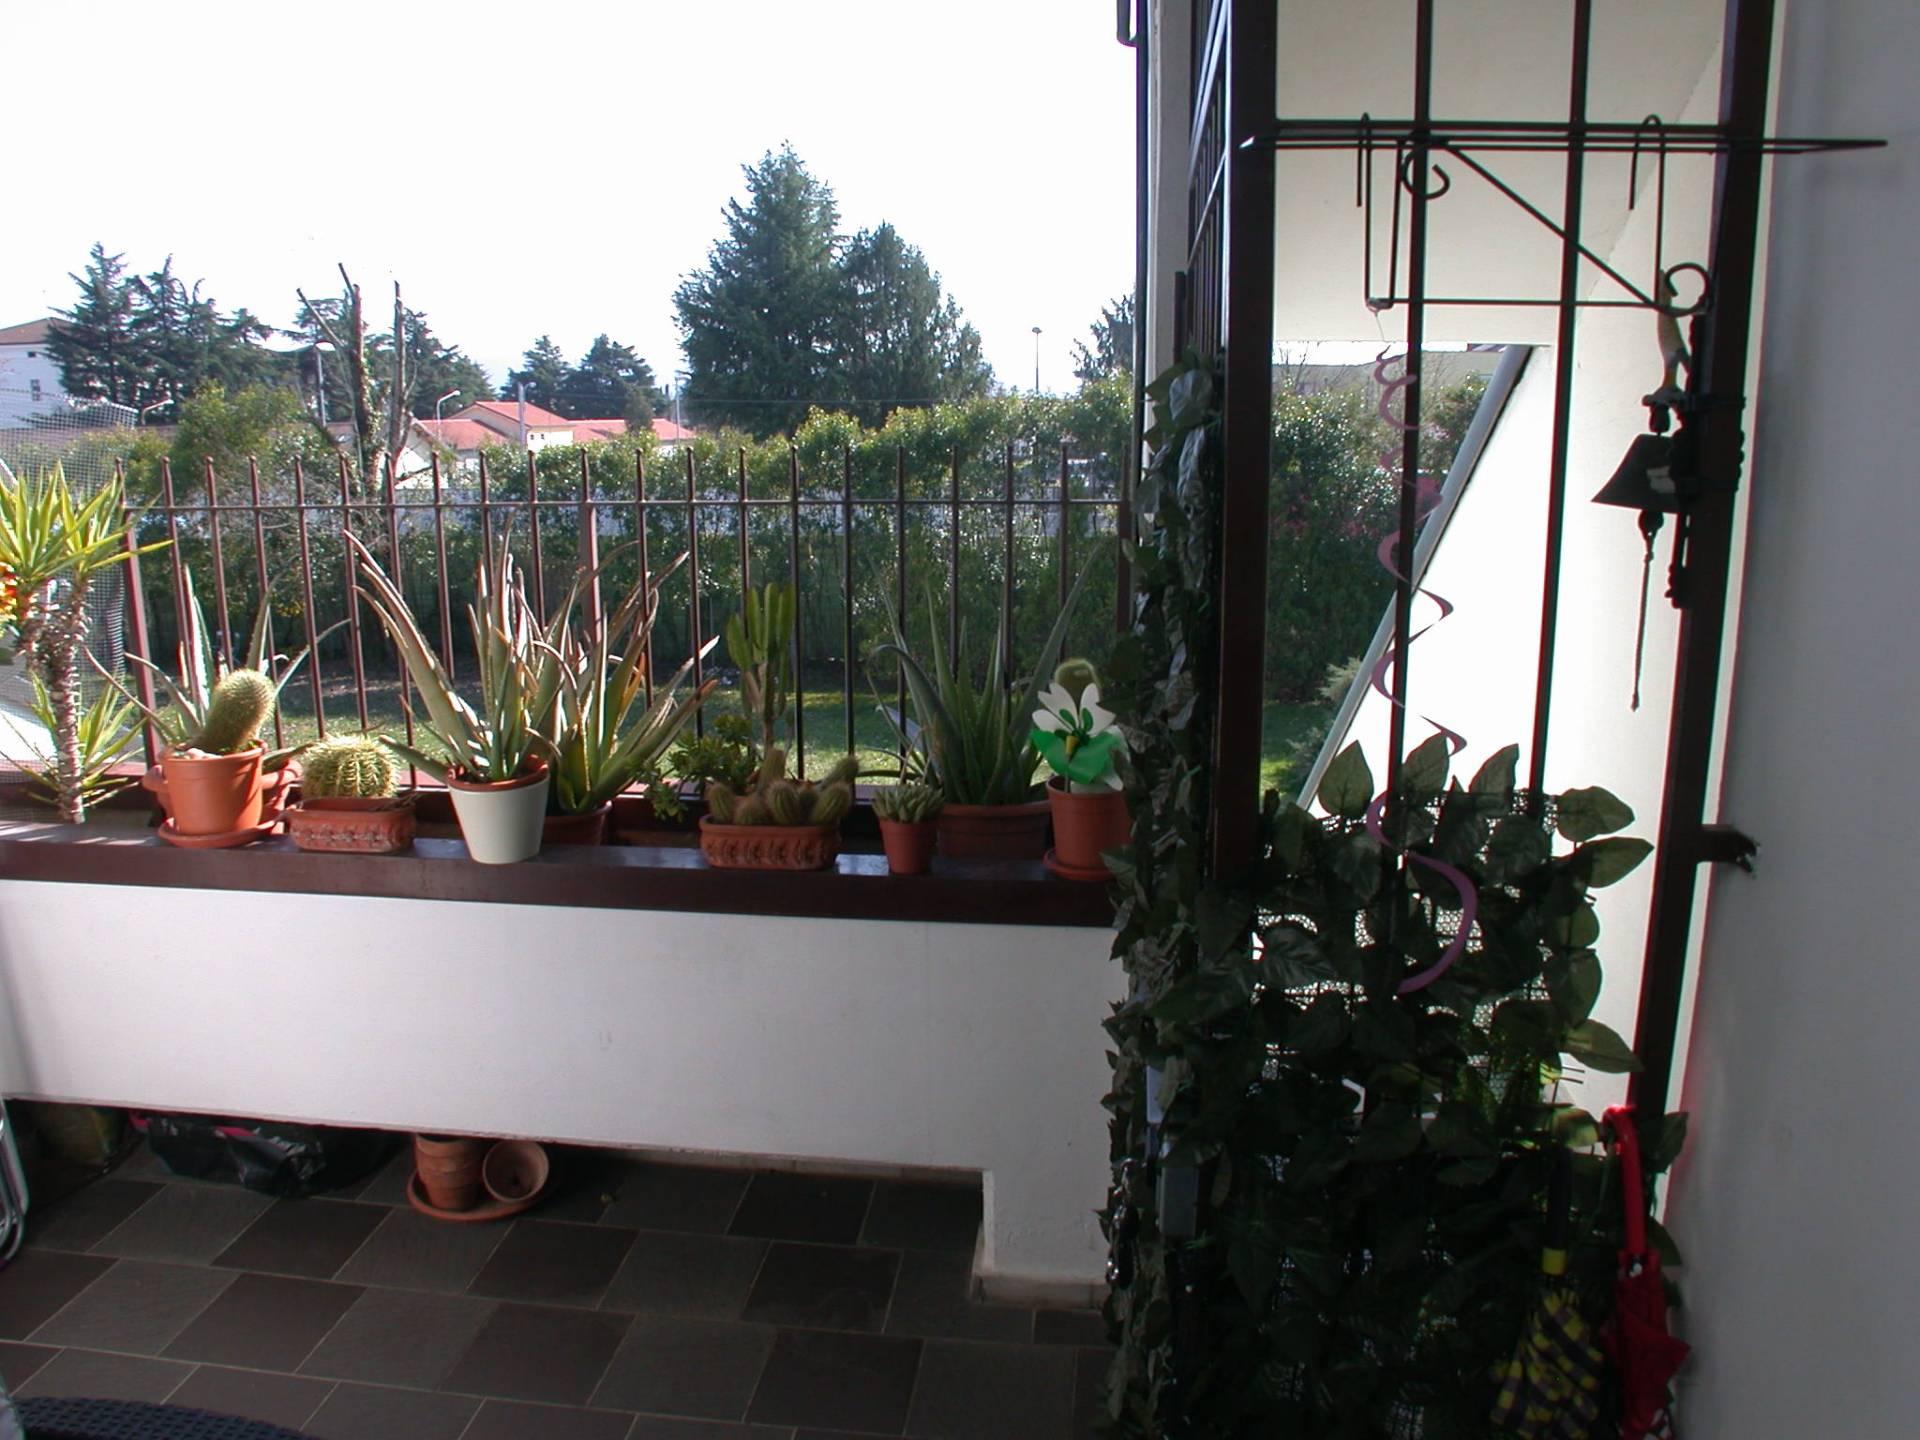 Appartamento in vendita a Gorizia, 6 locali, zona Località: S.Anna, prezzo € 102.000 | Cambio Casa.it